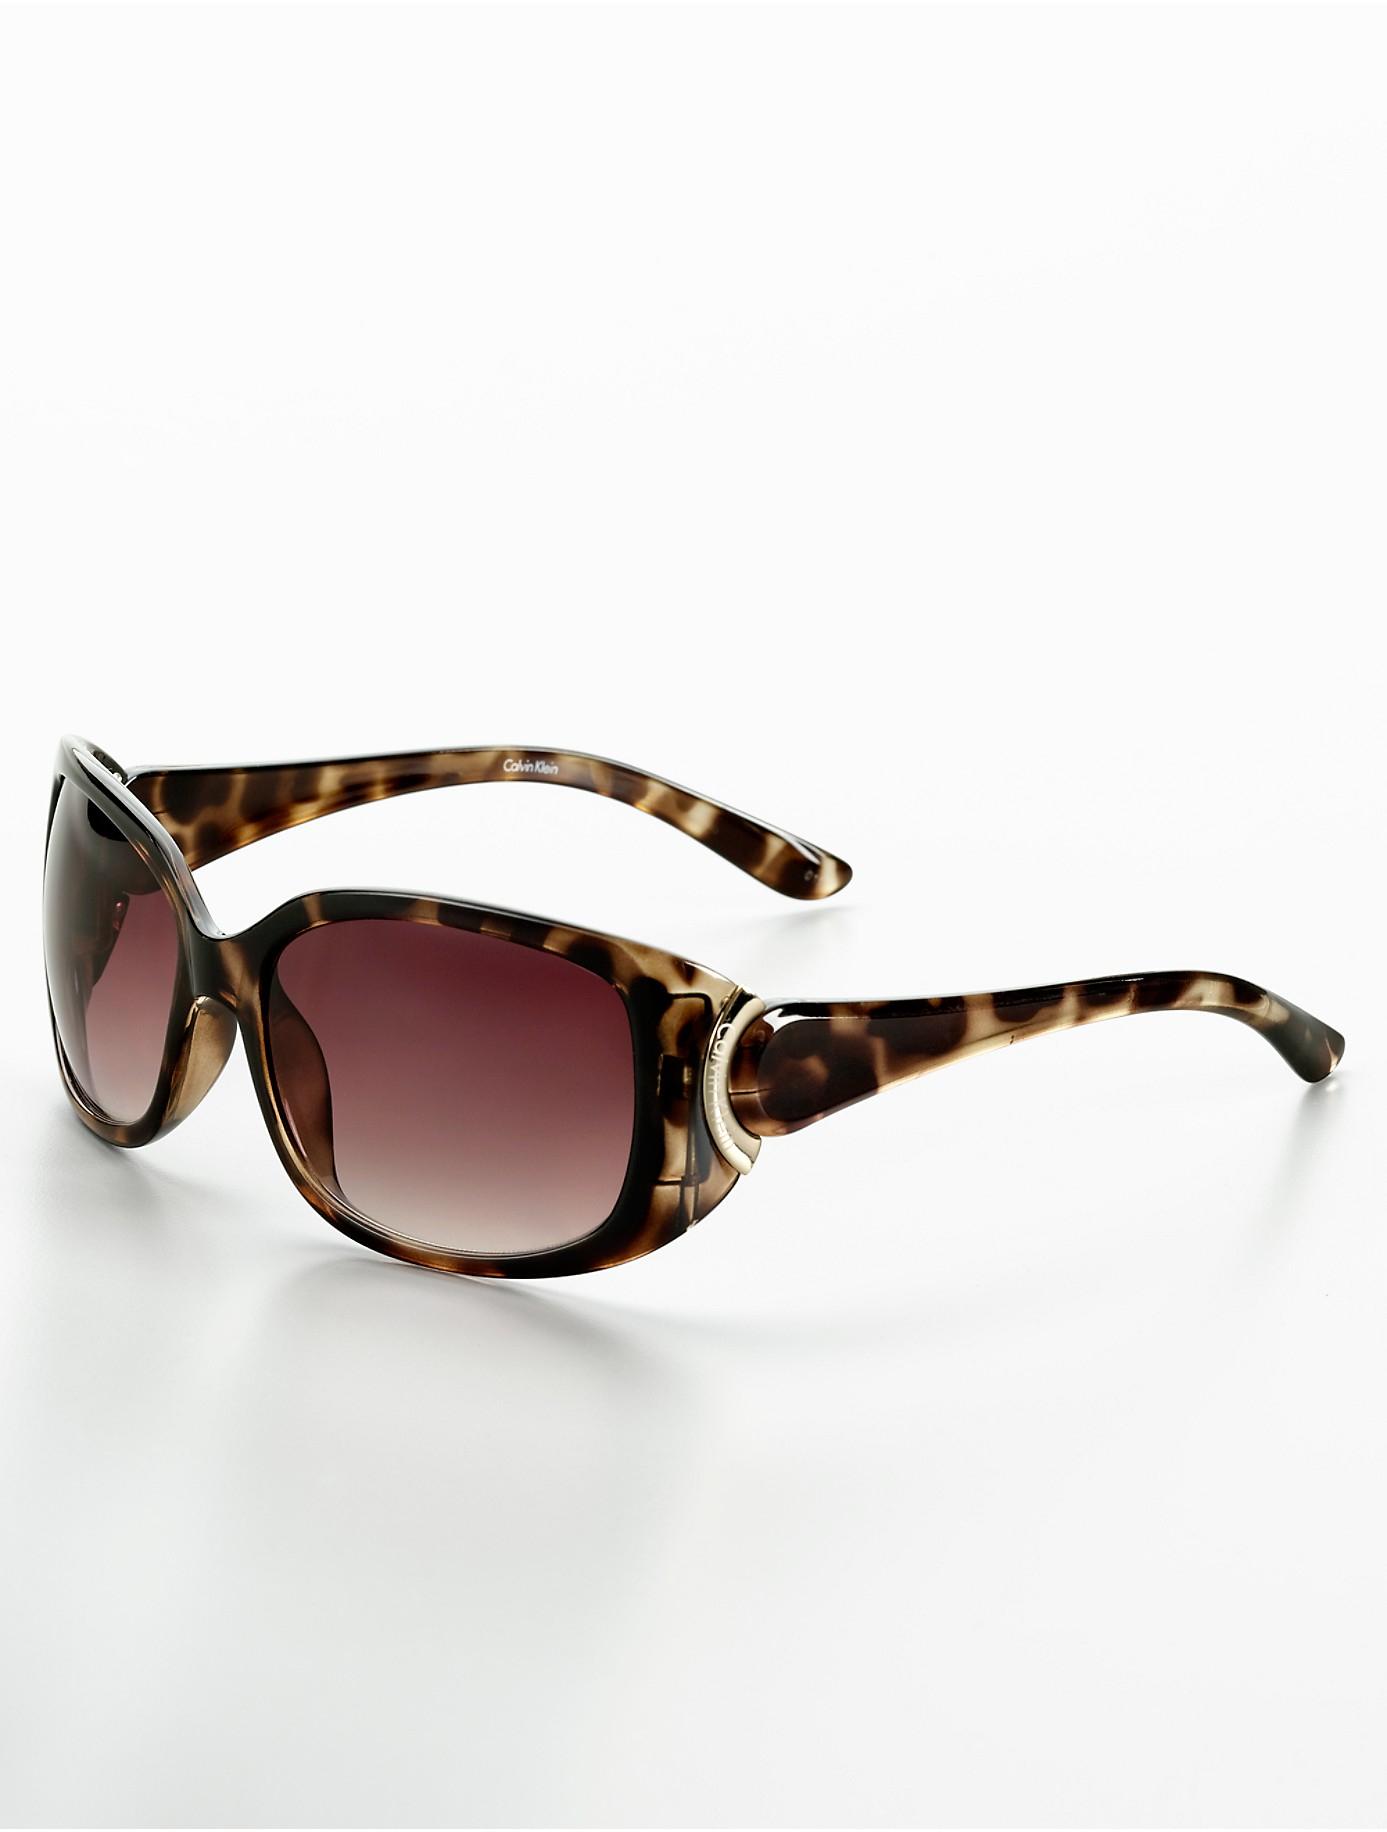 Lyst - Calvin Klein Medium Square Plastic Sunglasses in Brown